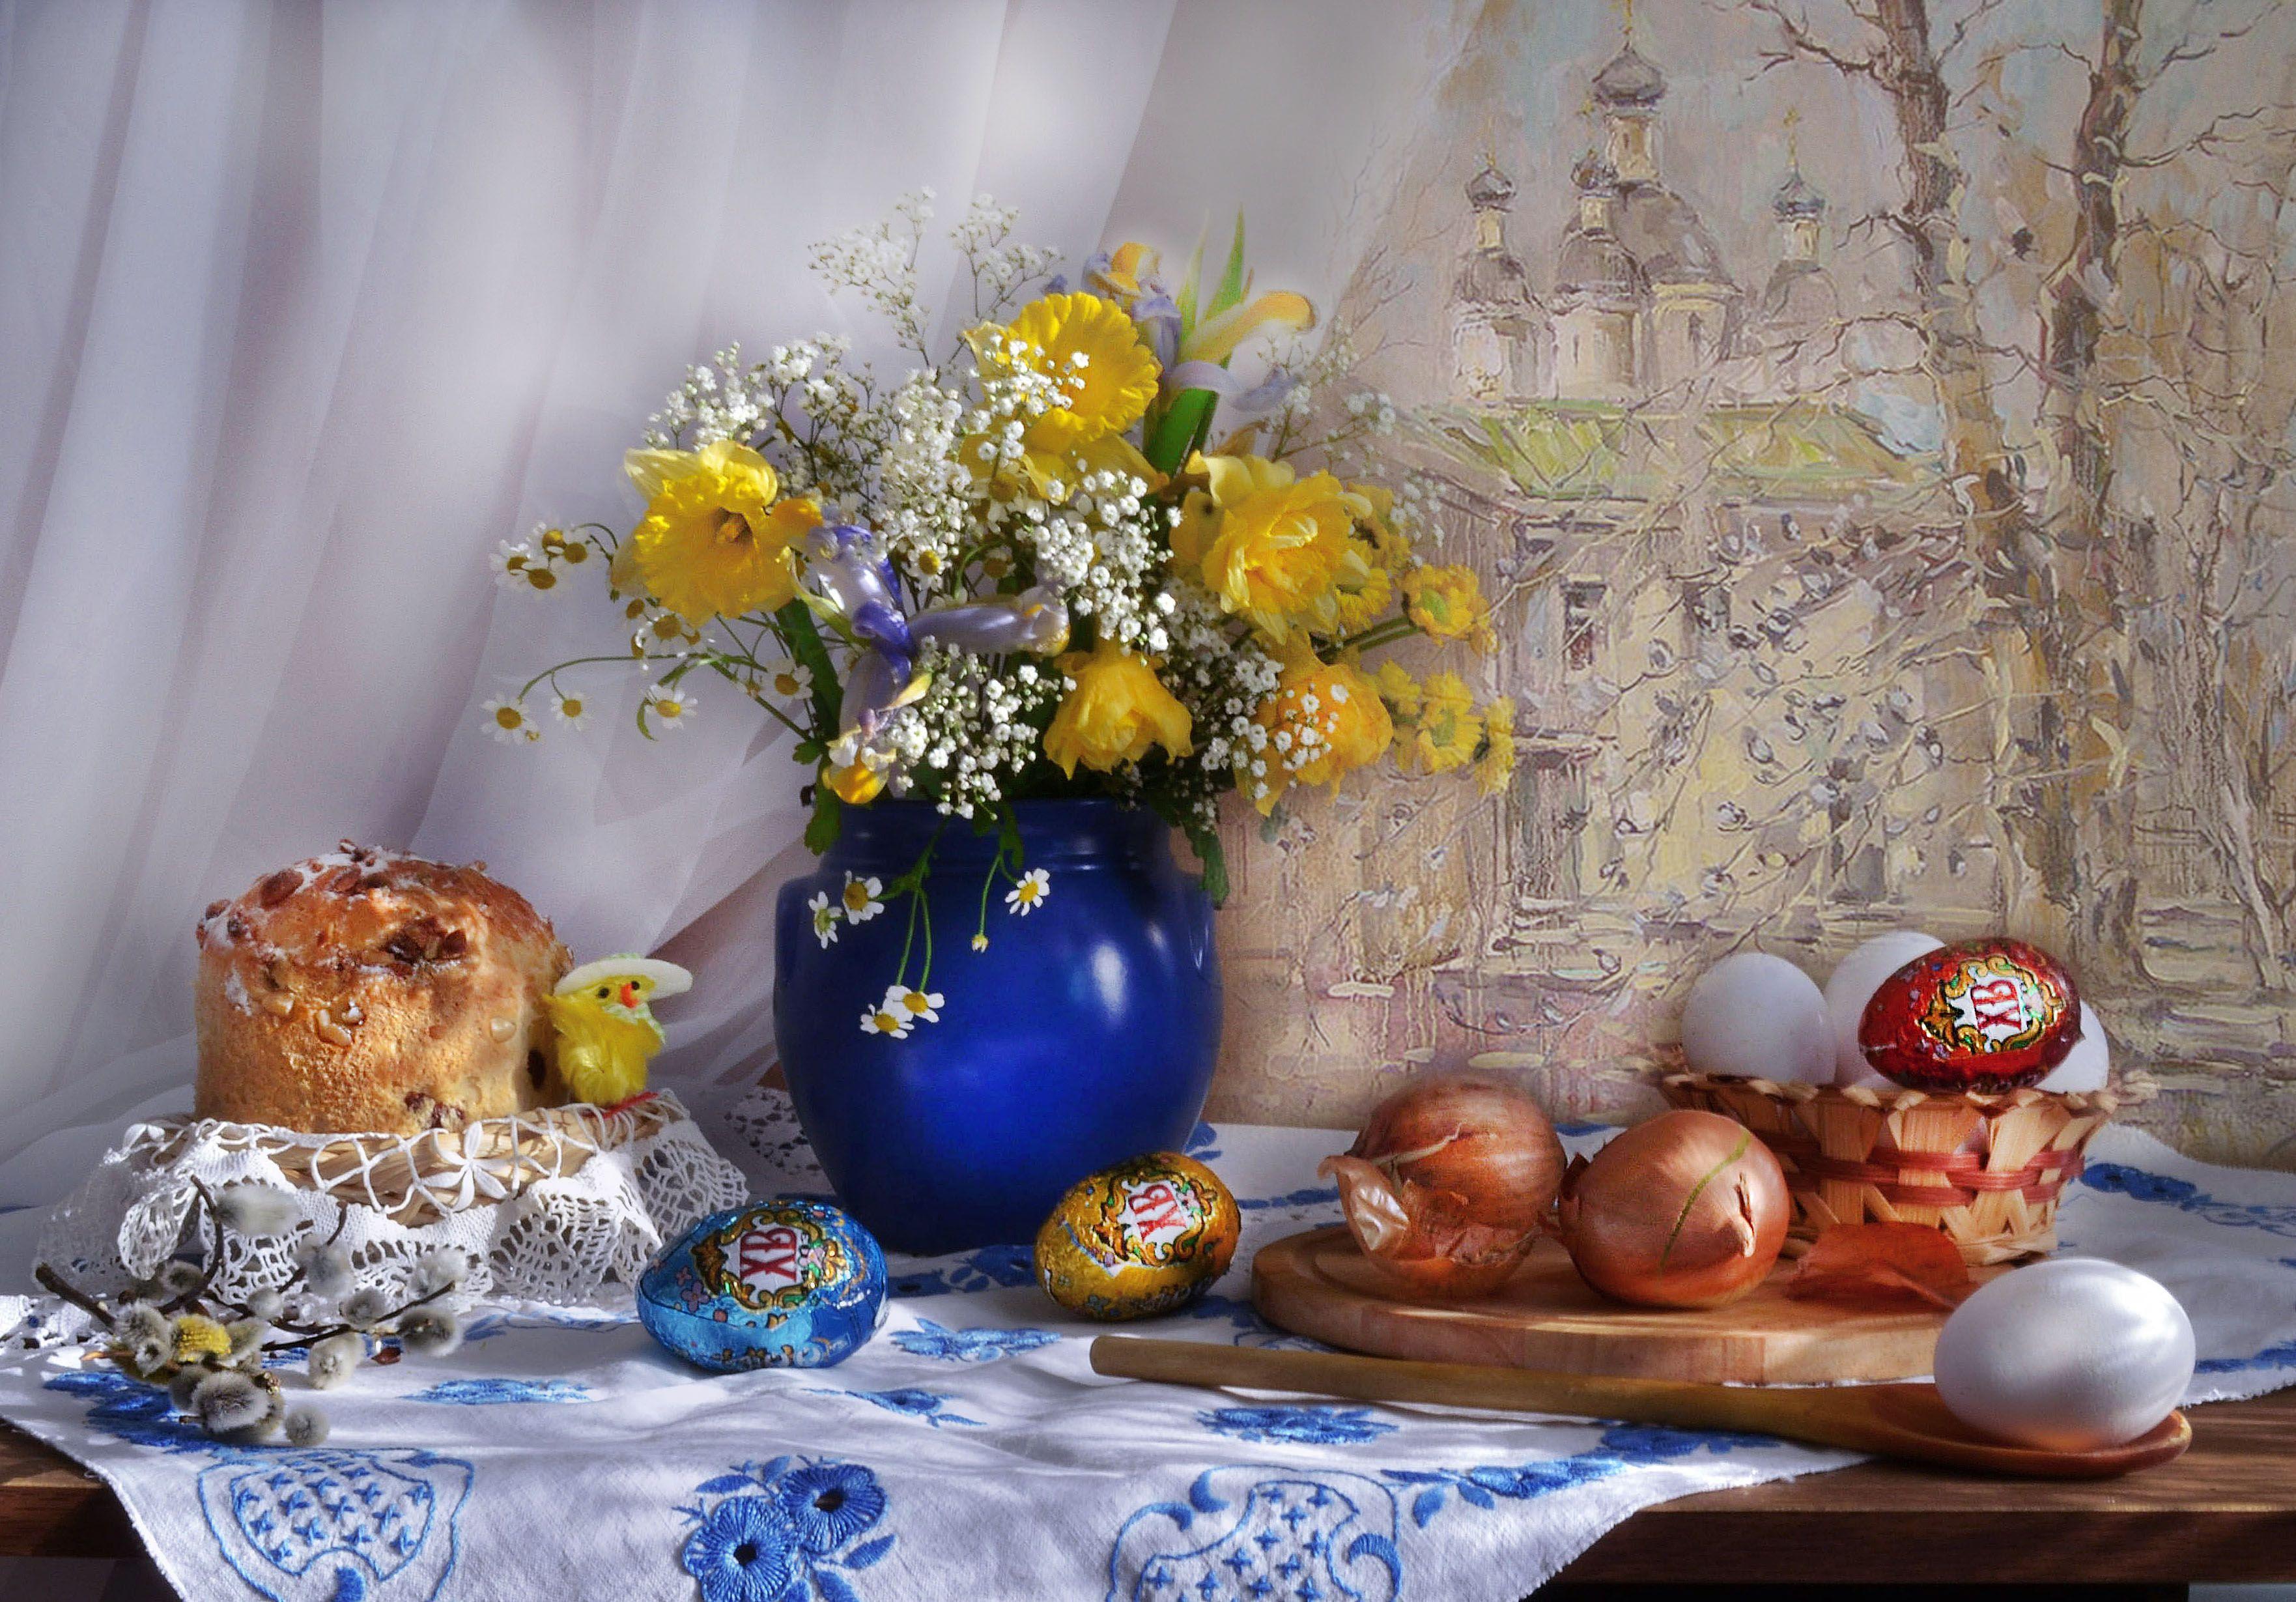 still life, натюрморт, апрель, букет, верба, весна, ирисы, крашенки, кулич, лук, нарциссы, цветы, чистый четверг,картина, маслом, чарина анна. вербное воскресение. двор на самокатной., Колова Валентина